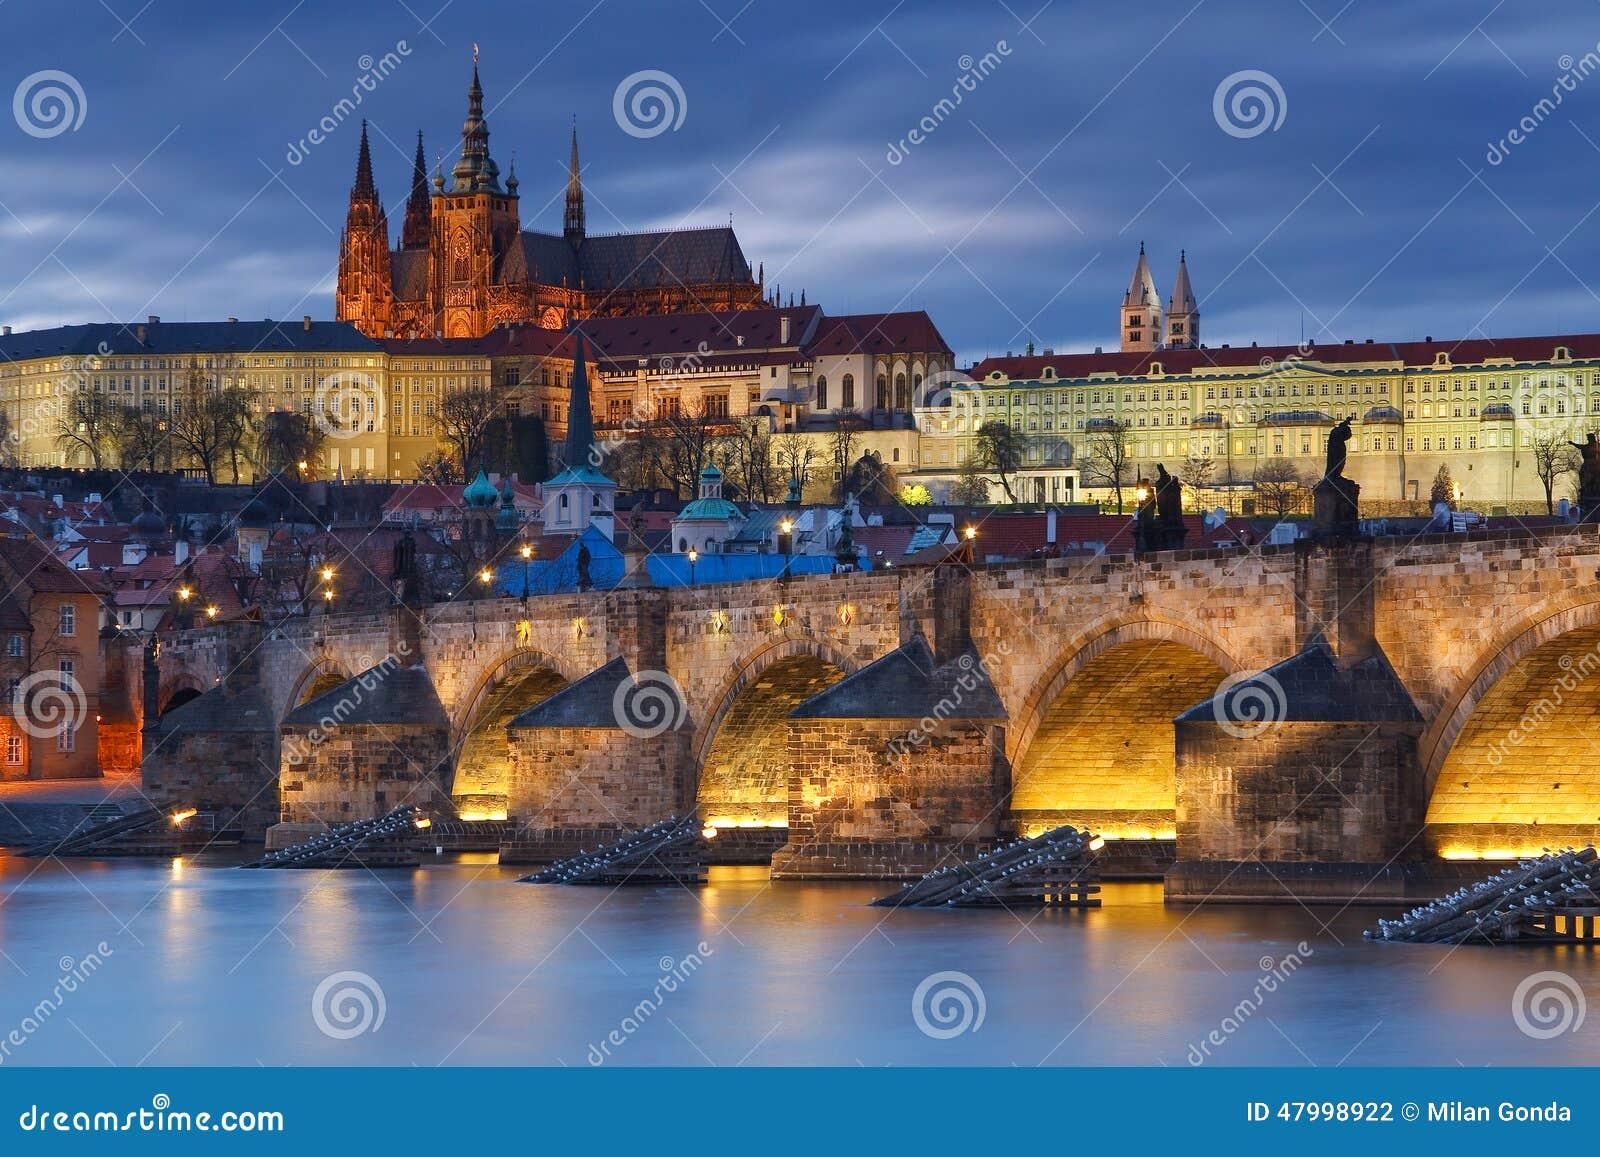 跟我走吧,我们去布拉格城堡